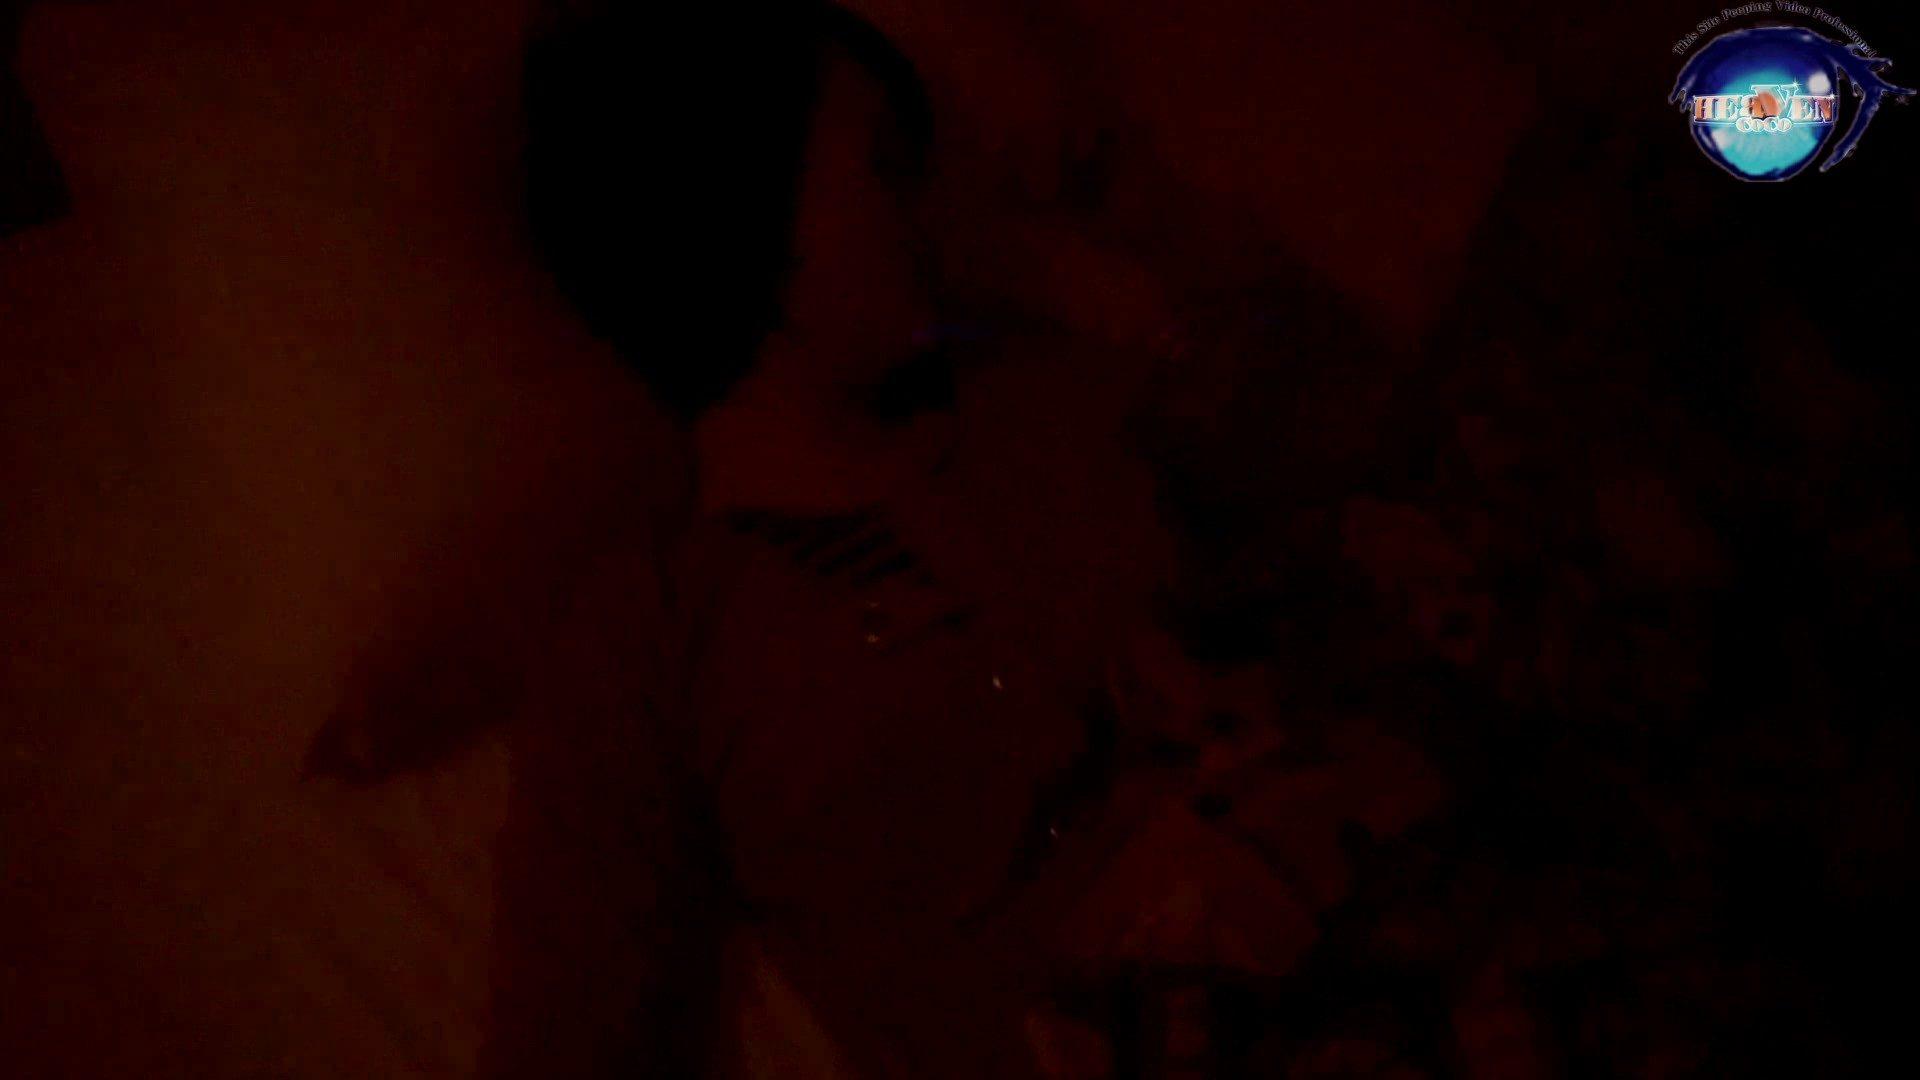 睡魔 シュウライ 第参壱話 前半 女子大生のエロ動画   イタズラ動画  94PIX 1